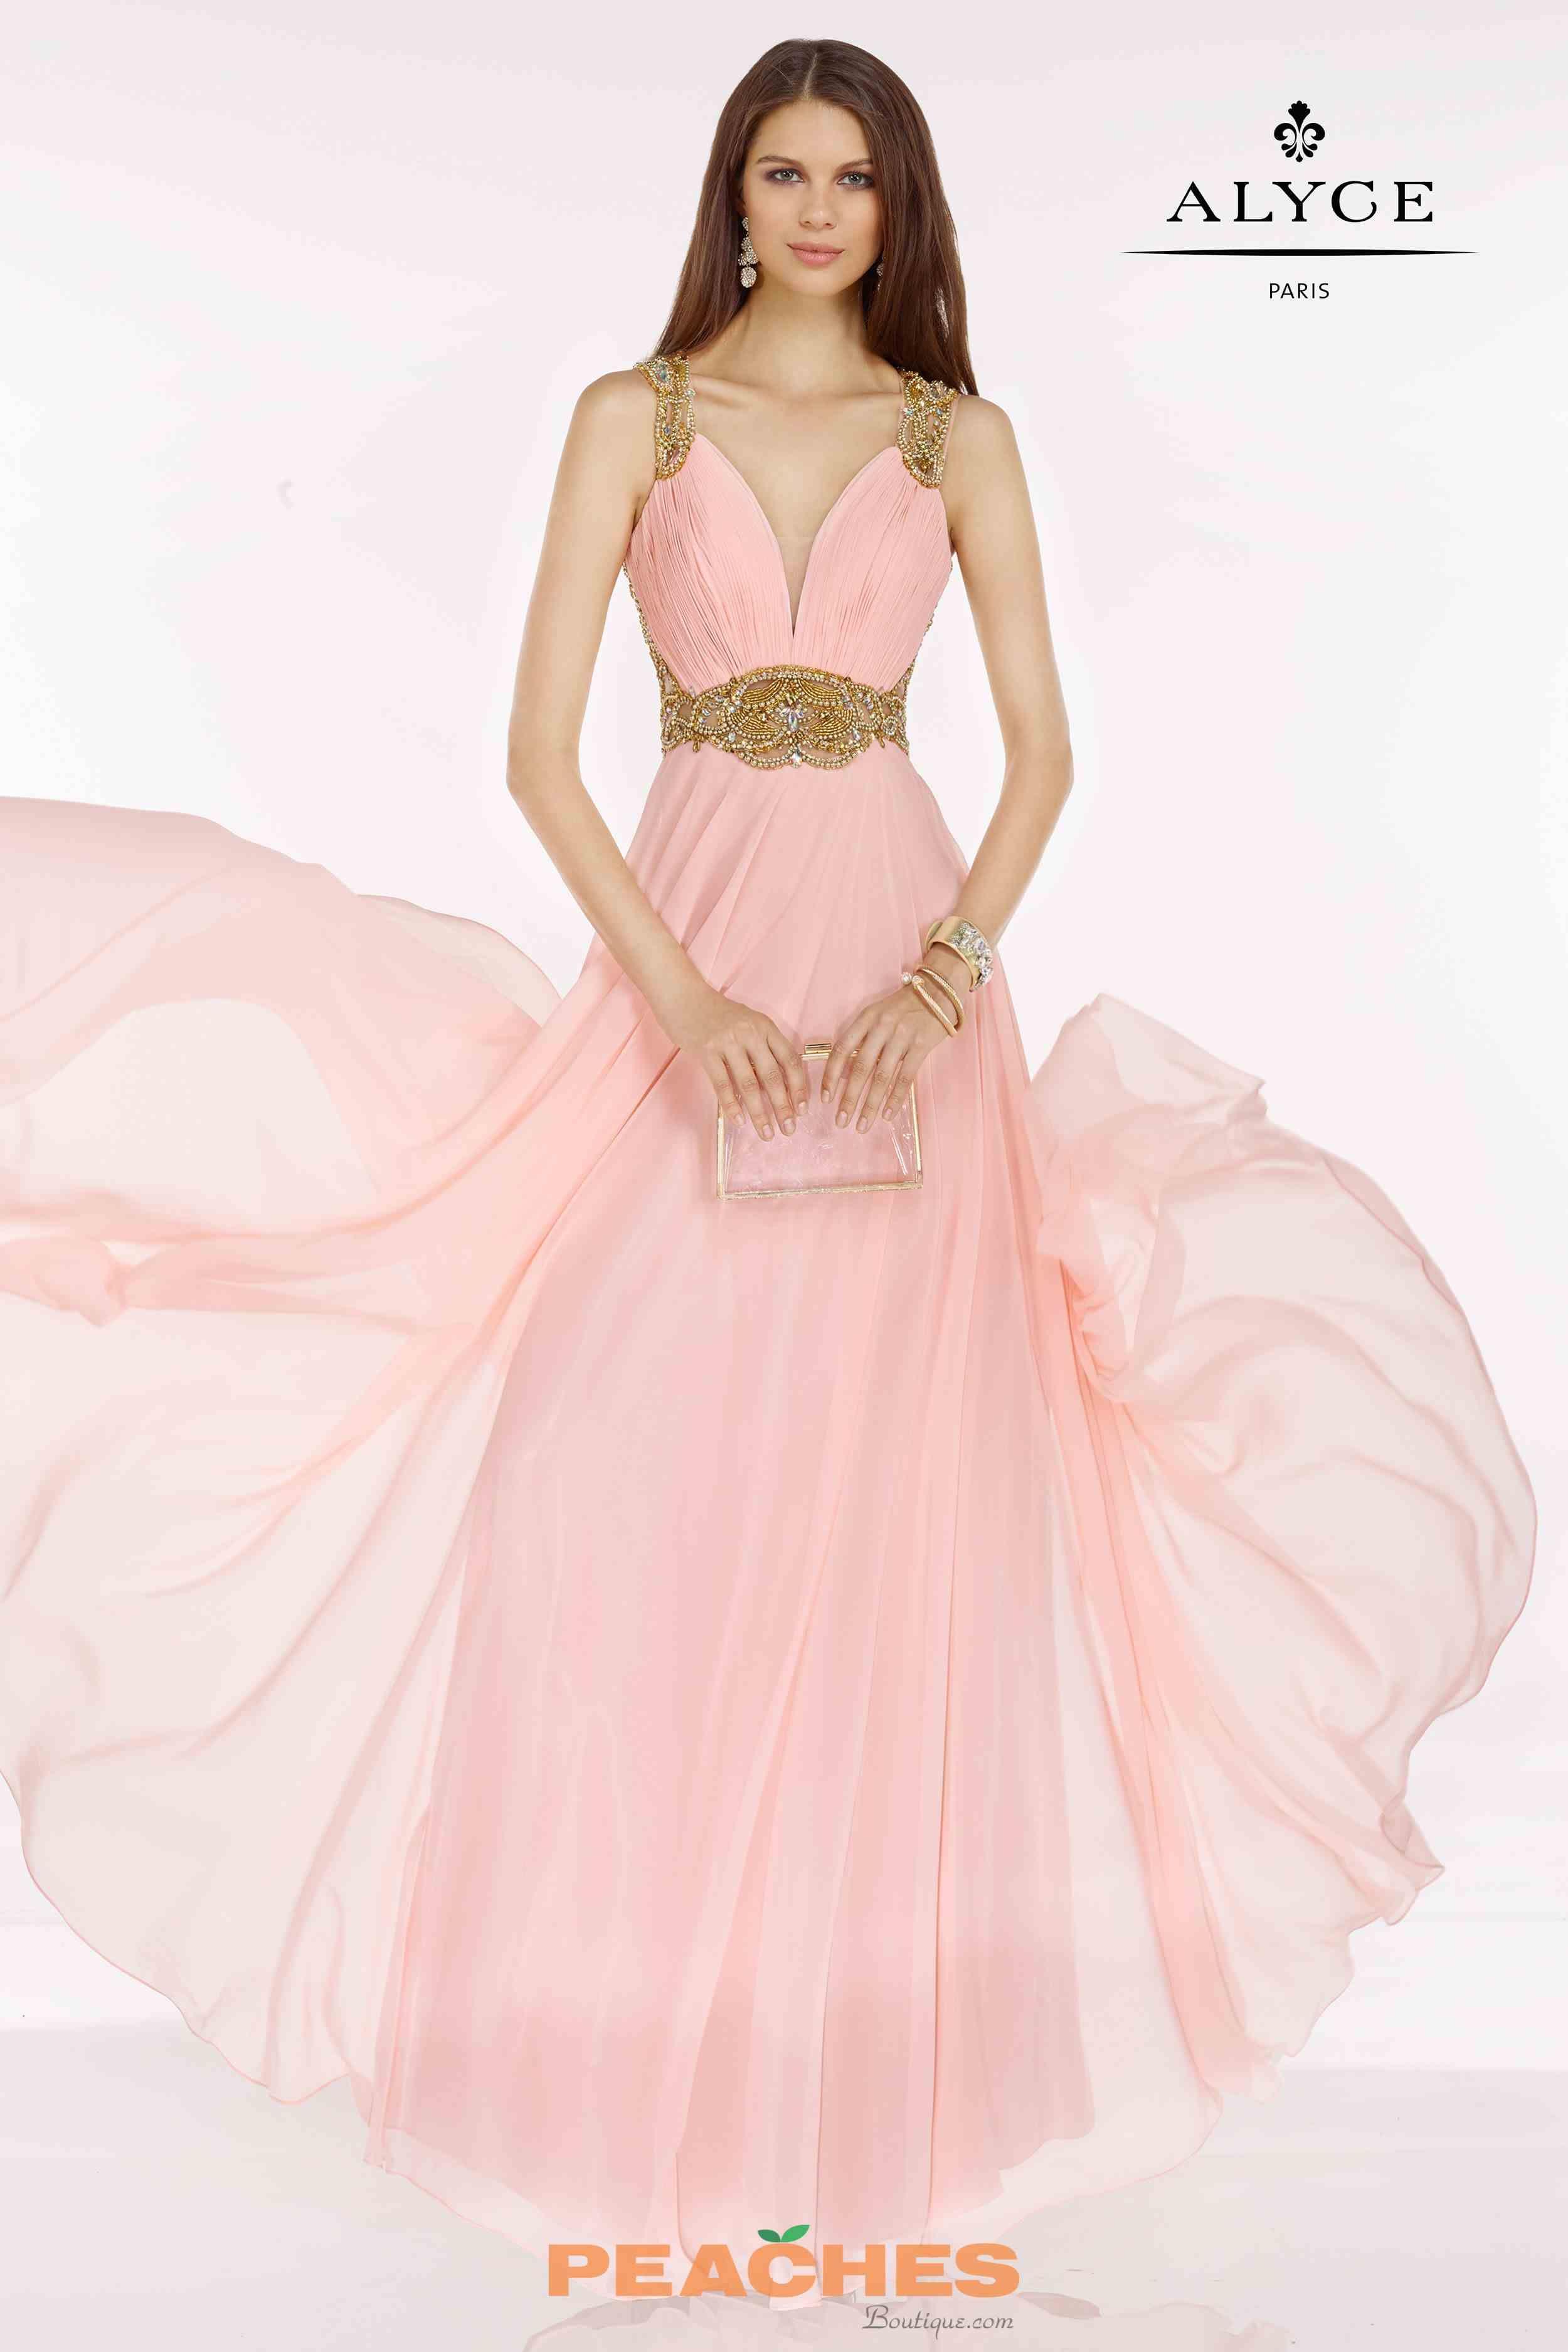 Increíble Vestidos De Dama Alyce Motivo - Colección del Vestido de ...